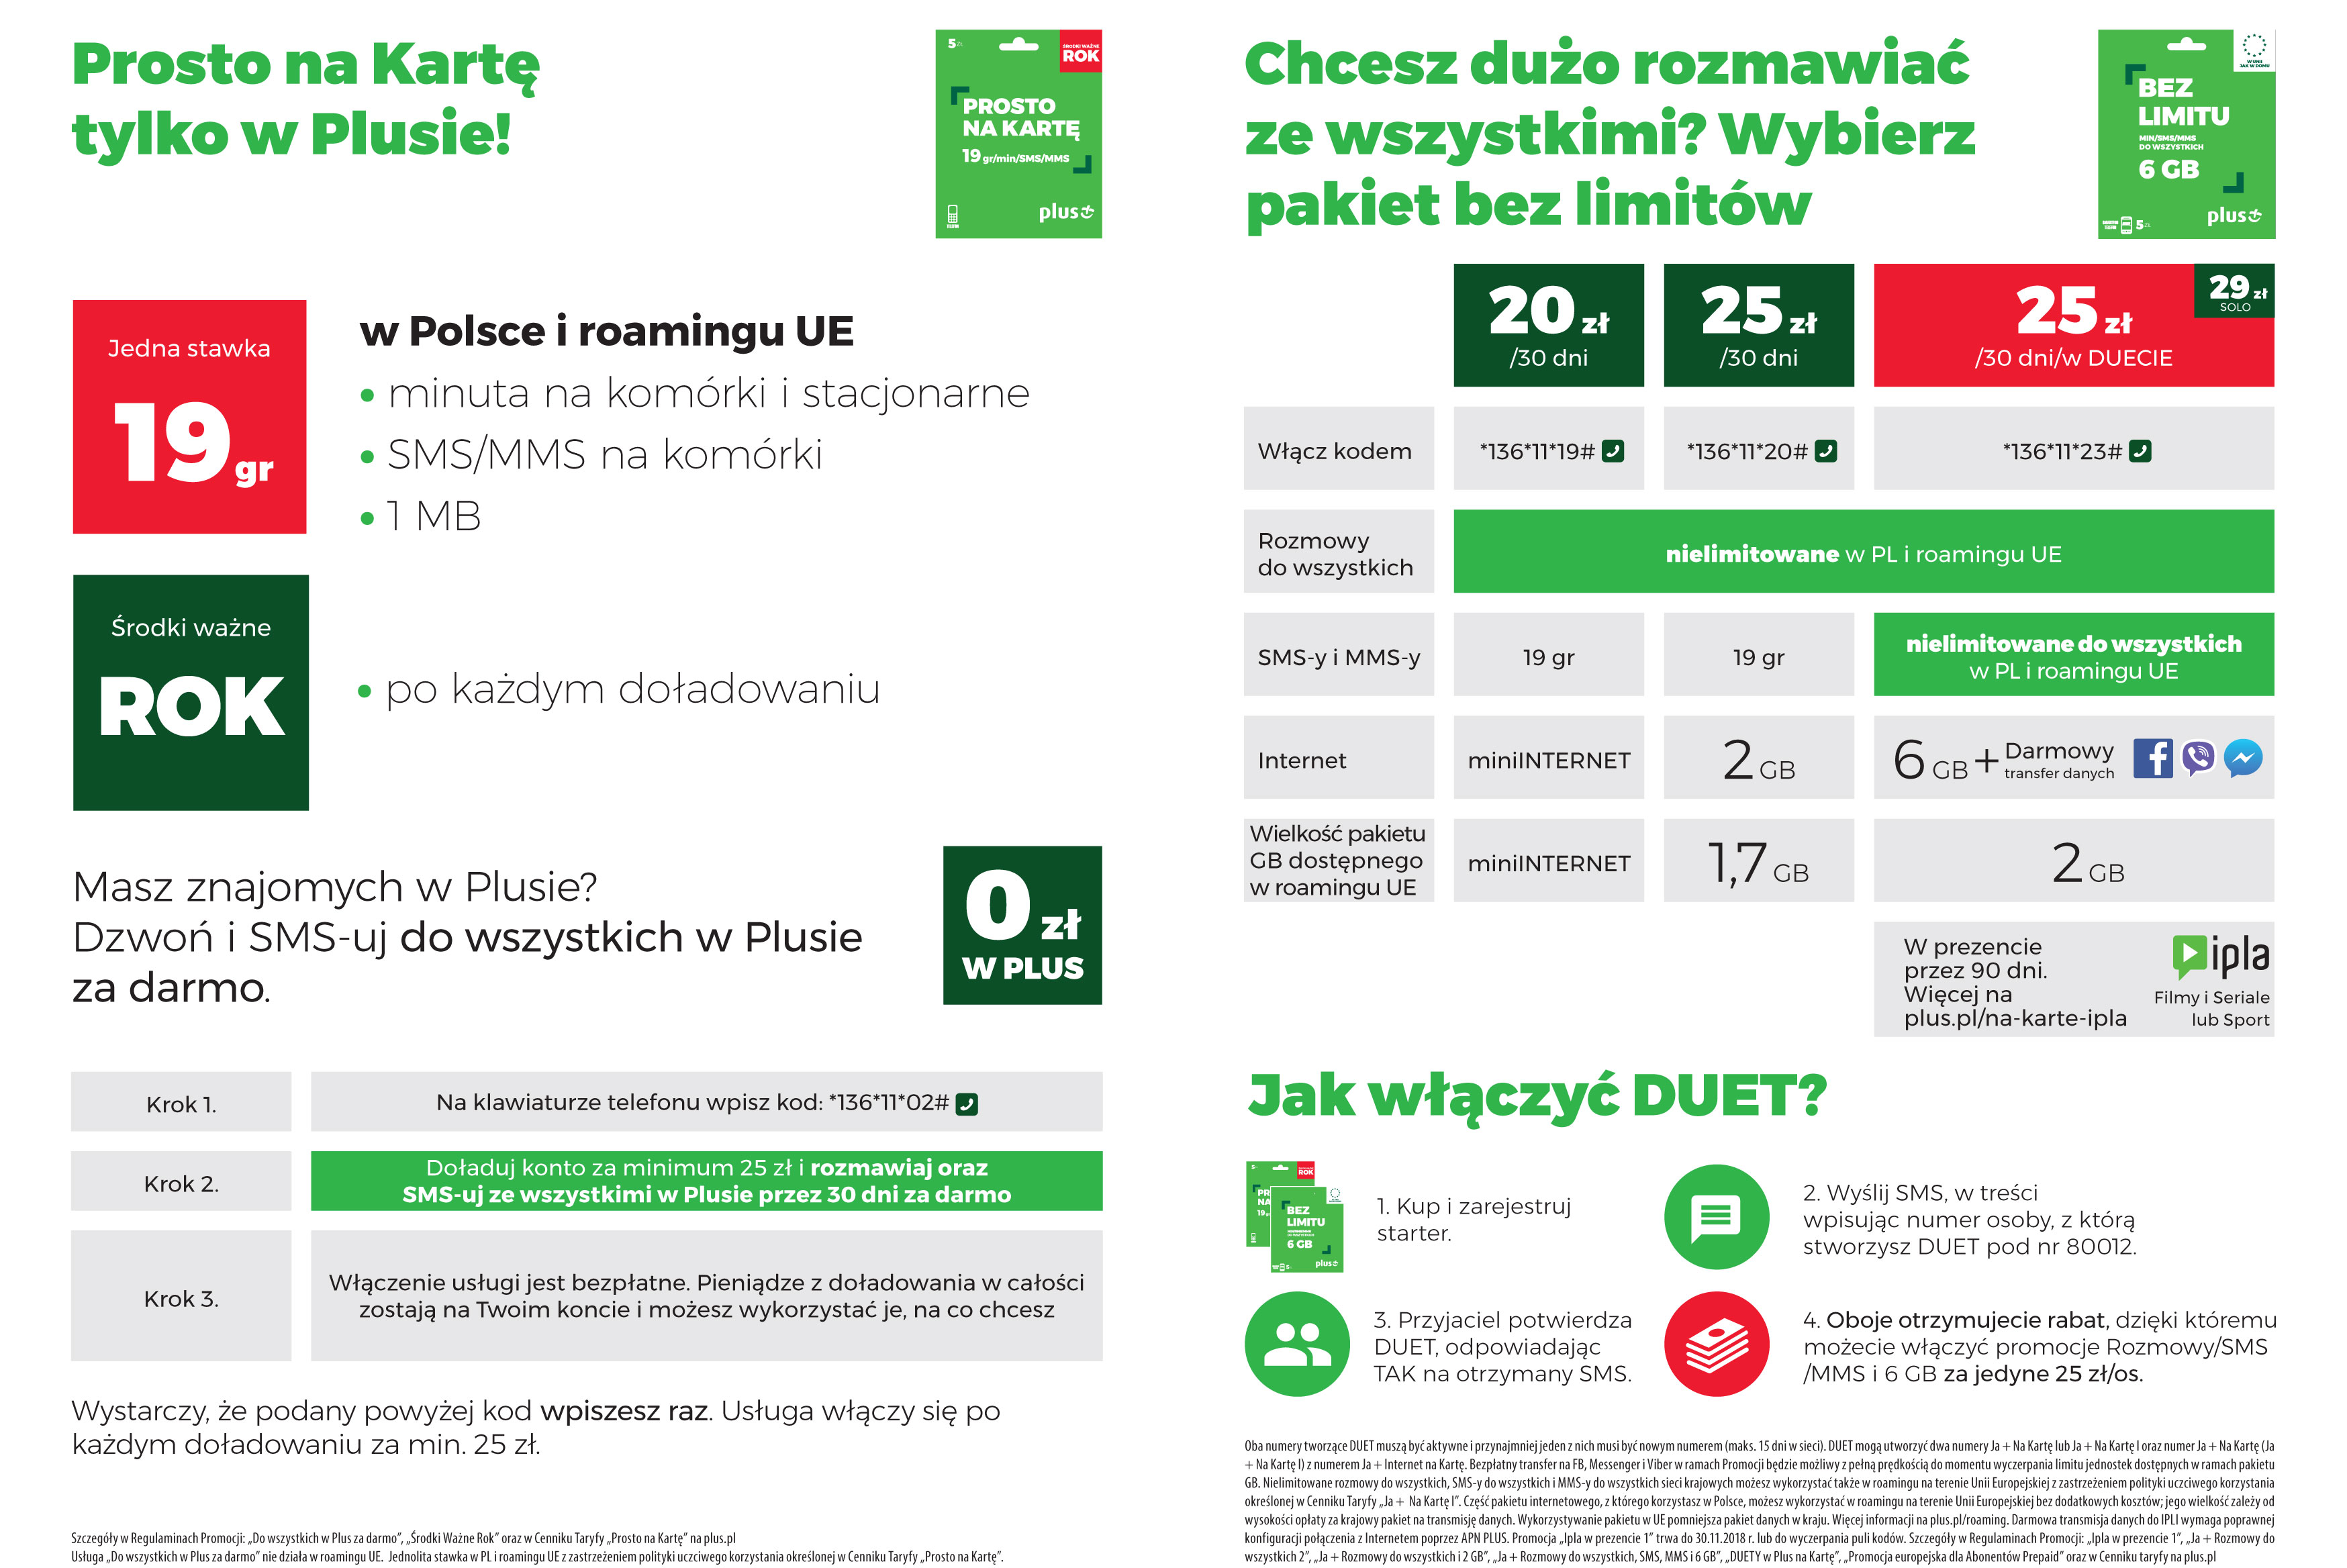 kody promocyjne kupować tanio najlepsze trampki Prosto Na Kartę - nowa oferta prepaid Plusa